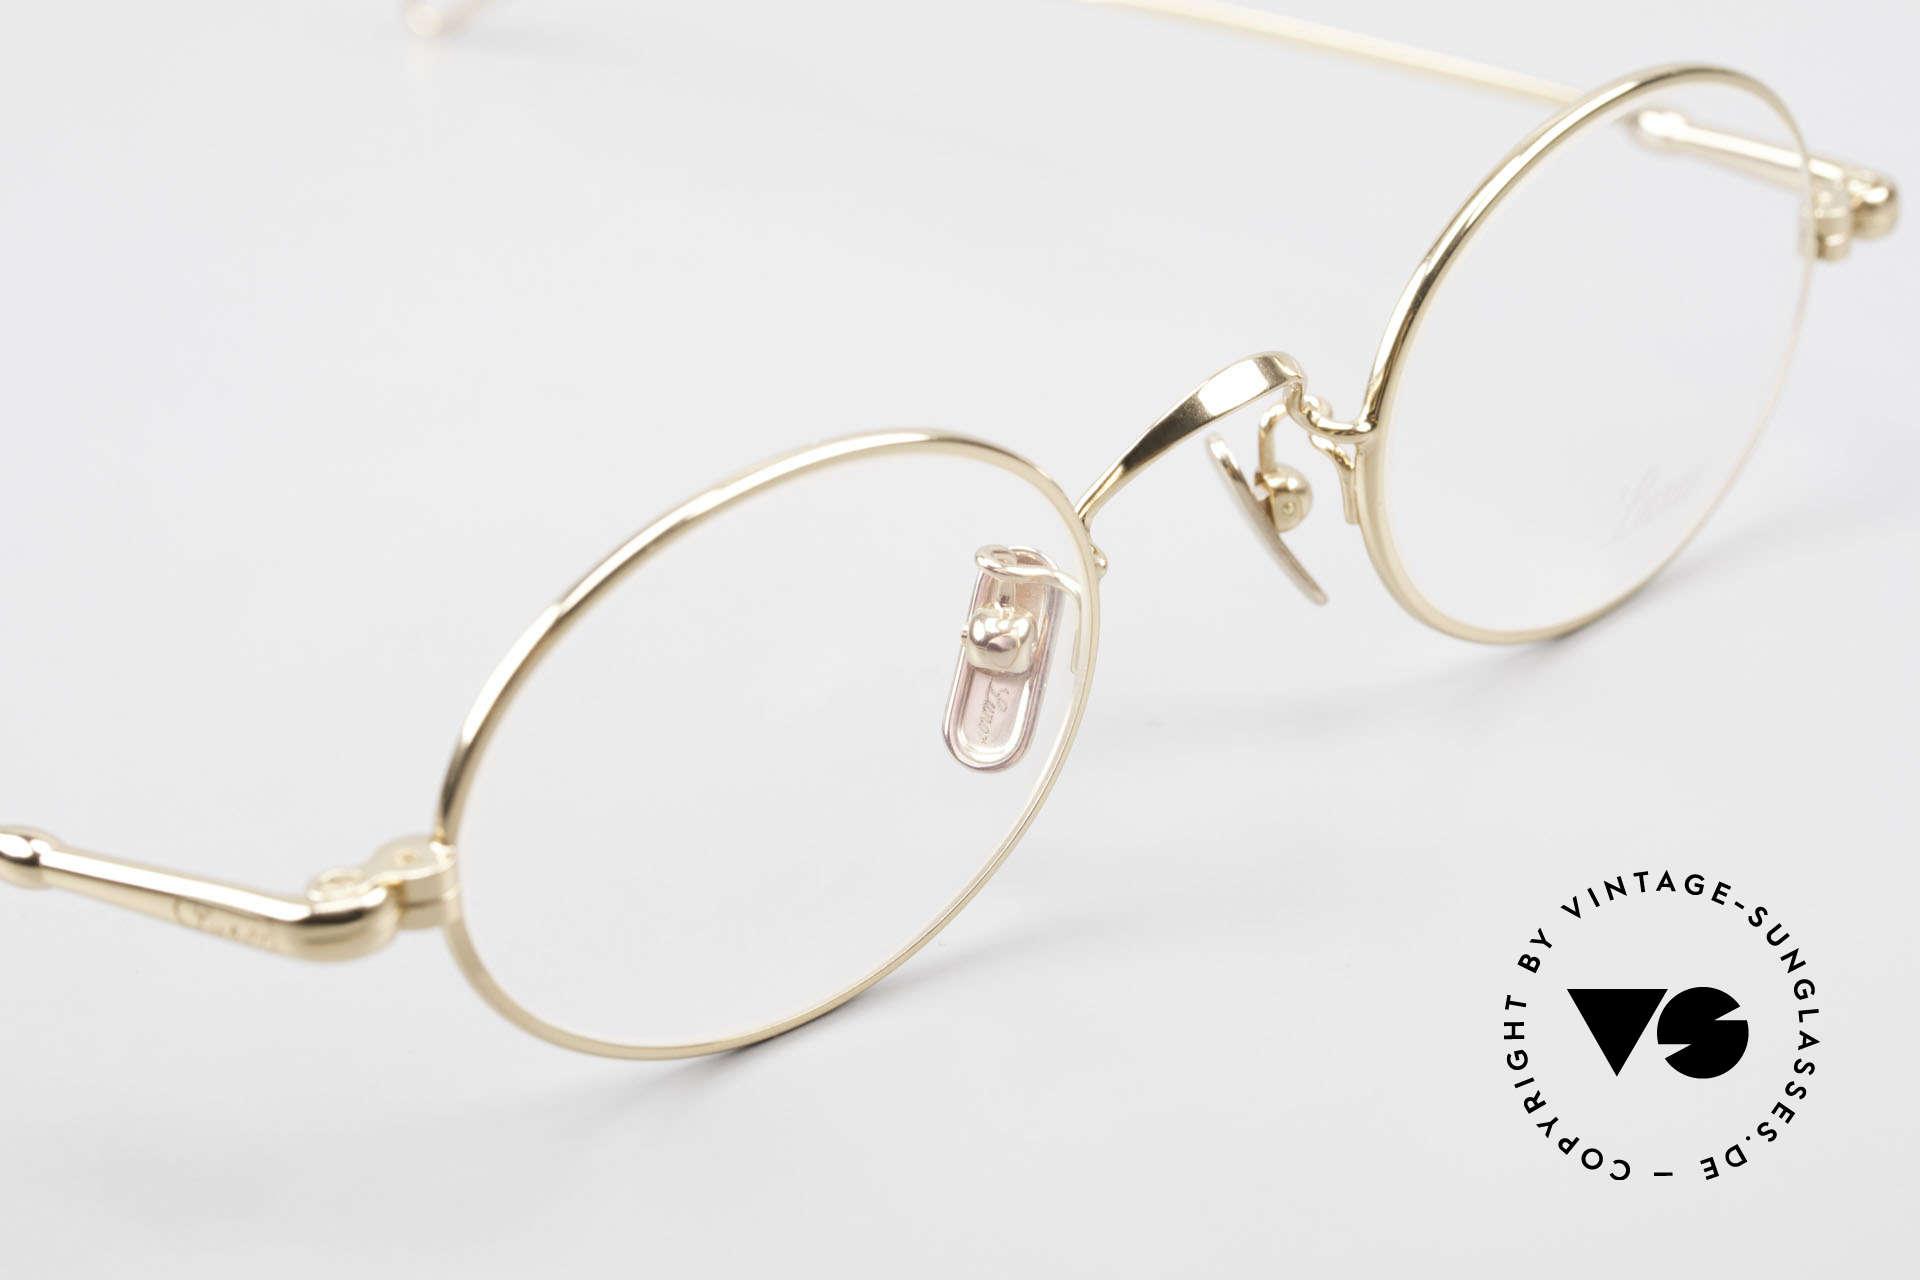 Lunor V 100 Ovale Brille 22kt Vergoldet, daher jetzt erstmalig in unserem vintage Sortiment, Passend für Herren und Damen